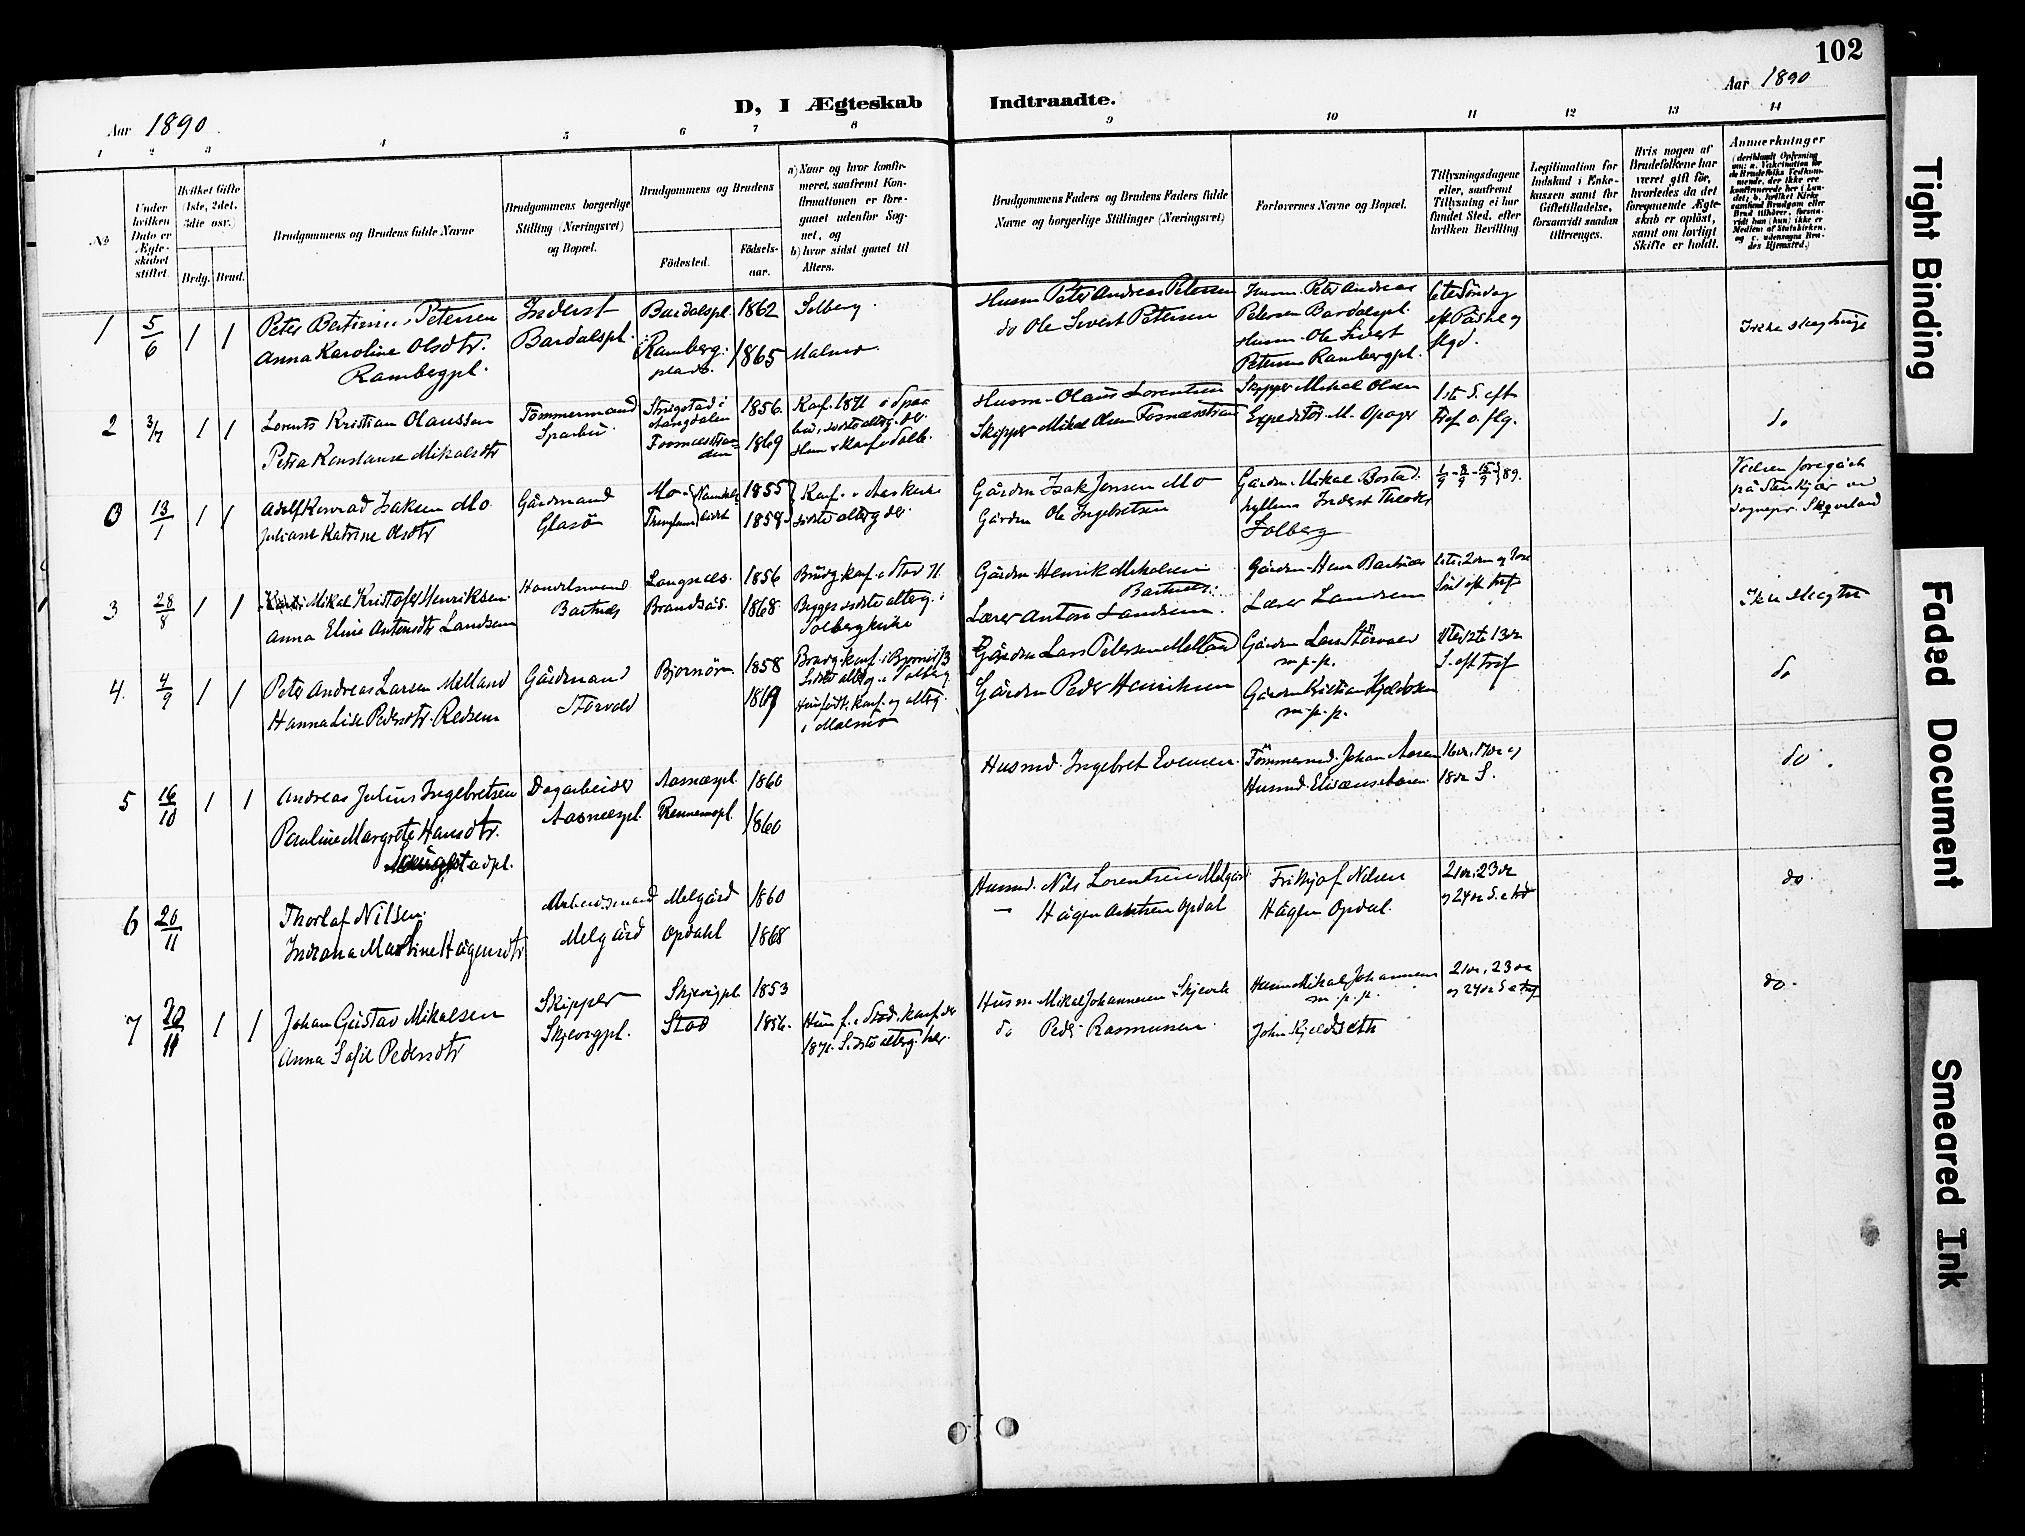 SAT, Ministerialprotokoller, klokkerbøker og fødselsregistre - Nord-Trøndelag, 741/L0396: Ministerialbok nr. 741A10, 1889-1901, s. 102